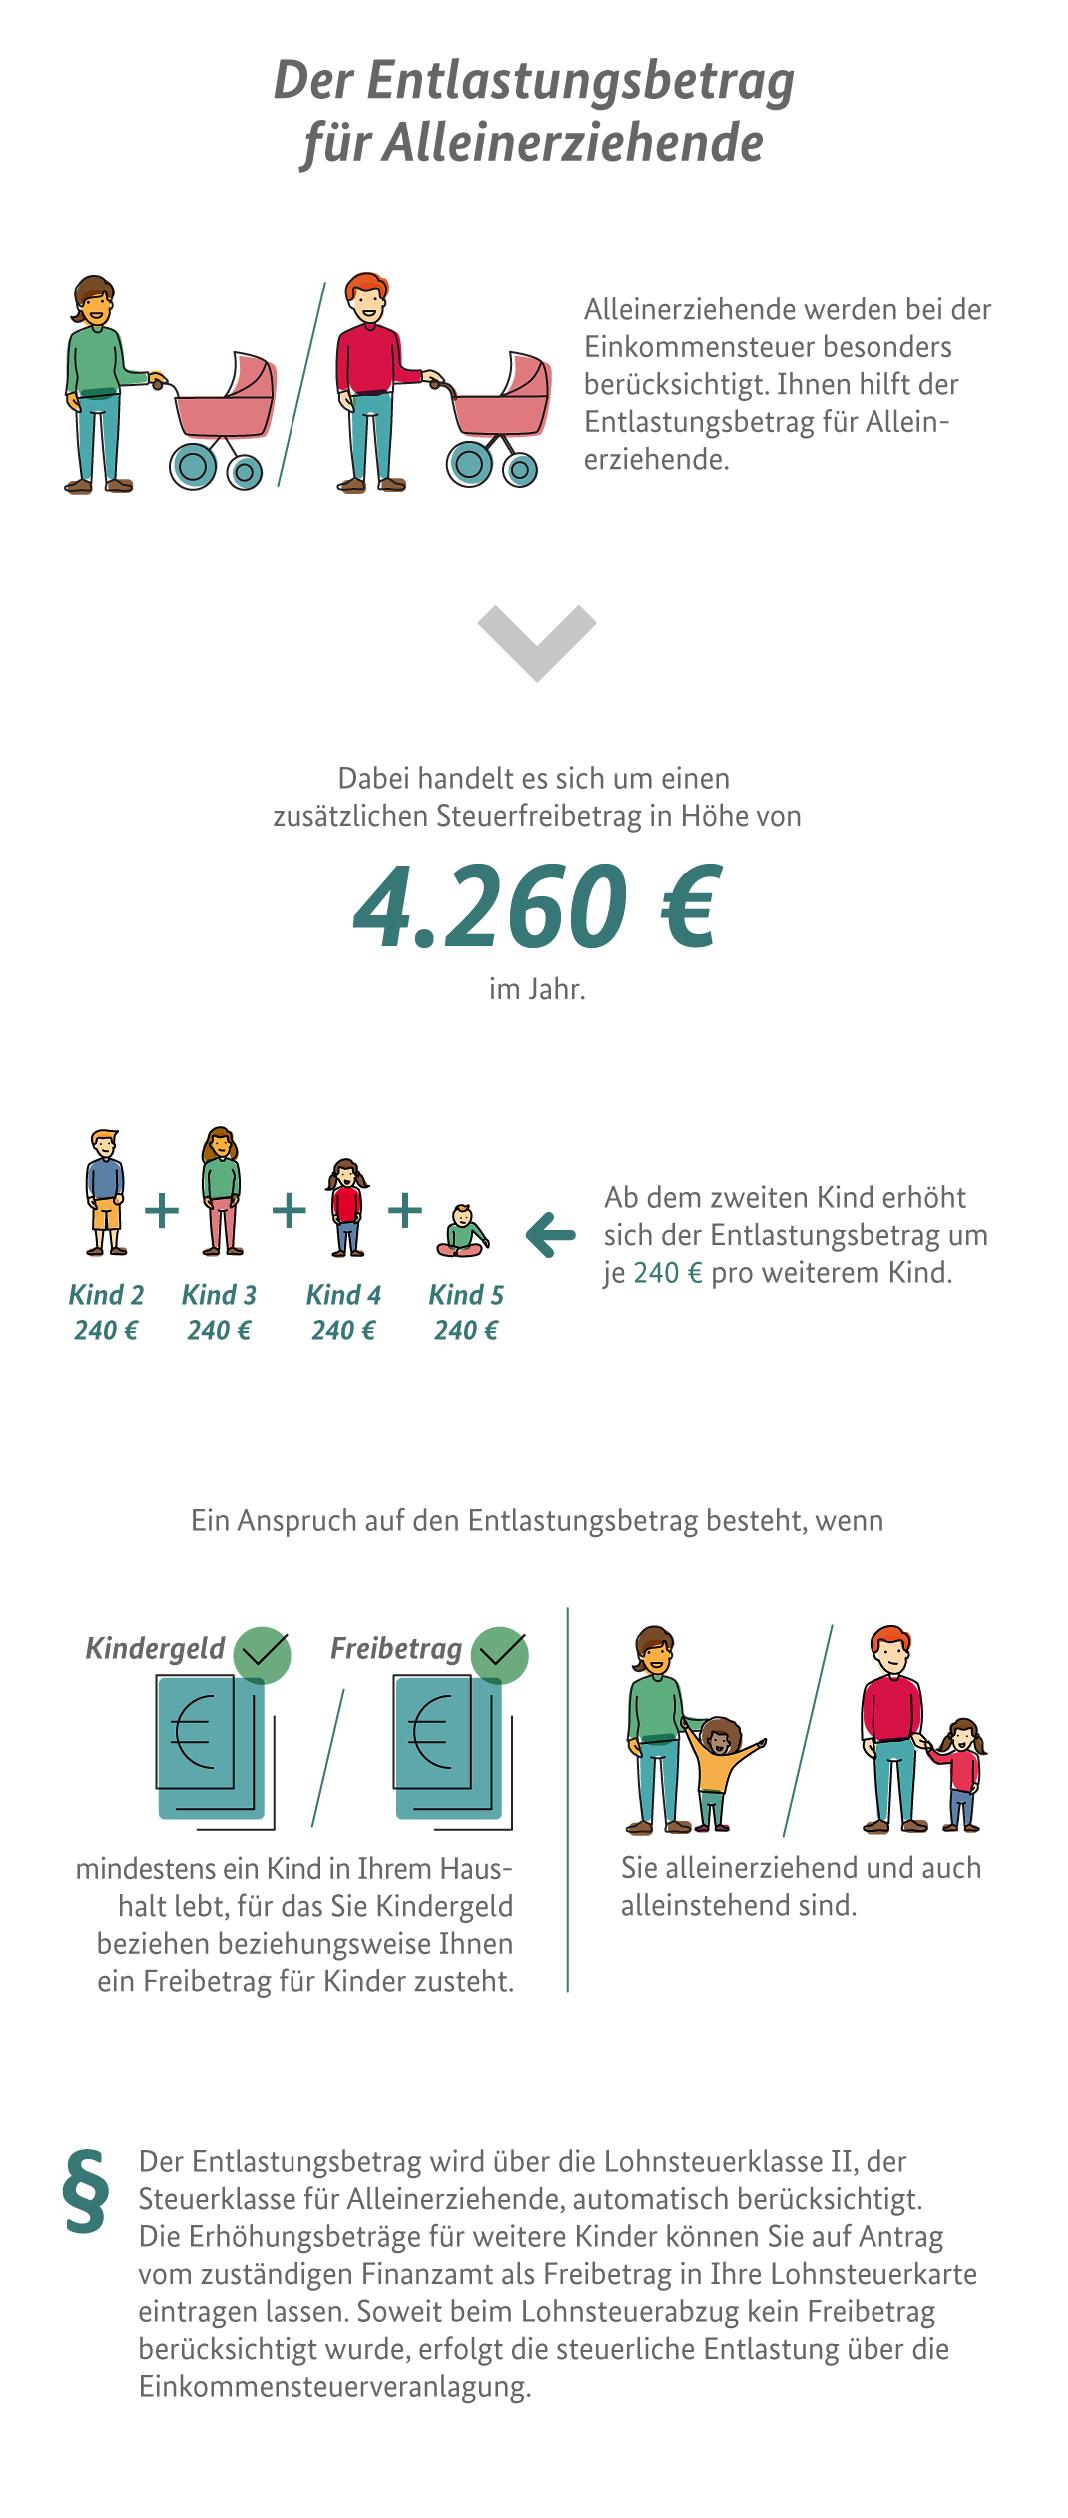 Die Infografik erklärt den Entlastungsbetrag für Alleinerziehende und wie hoch er ist